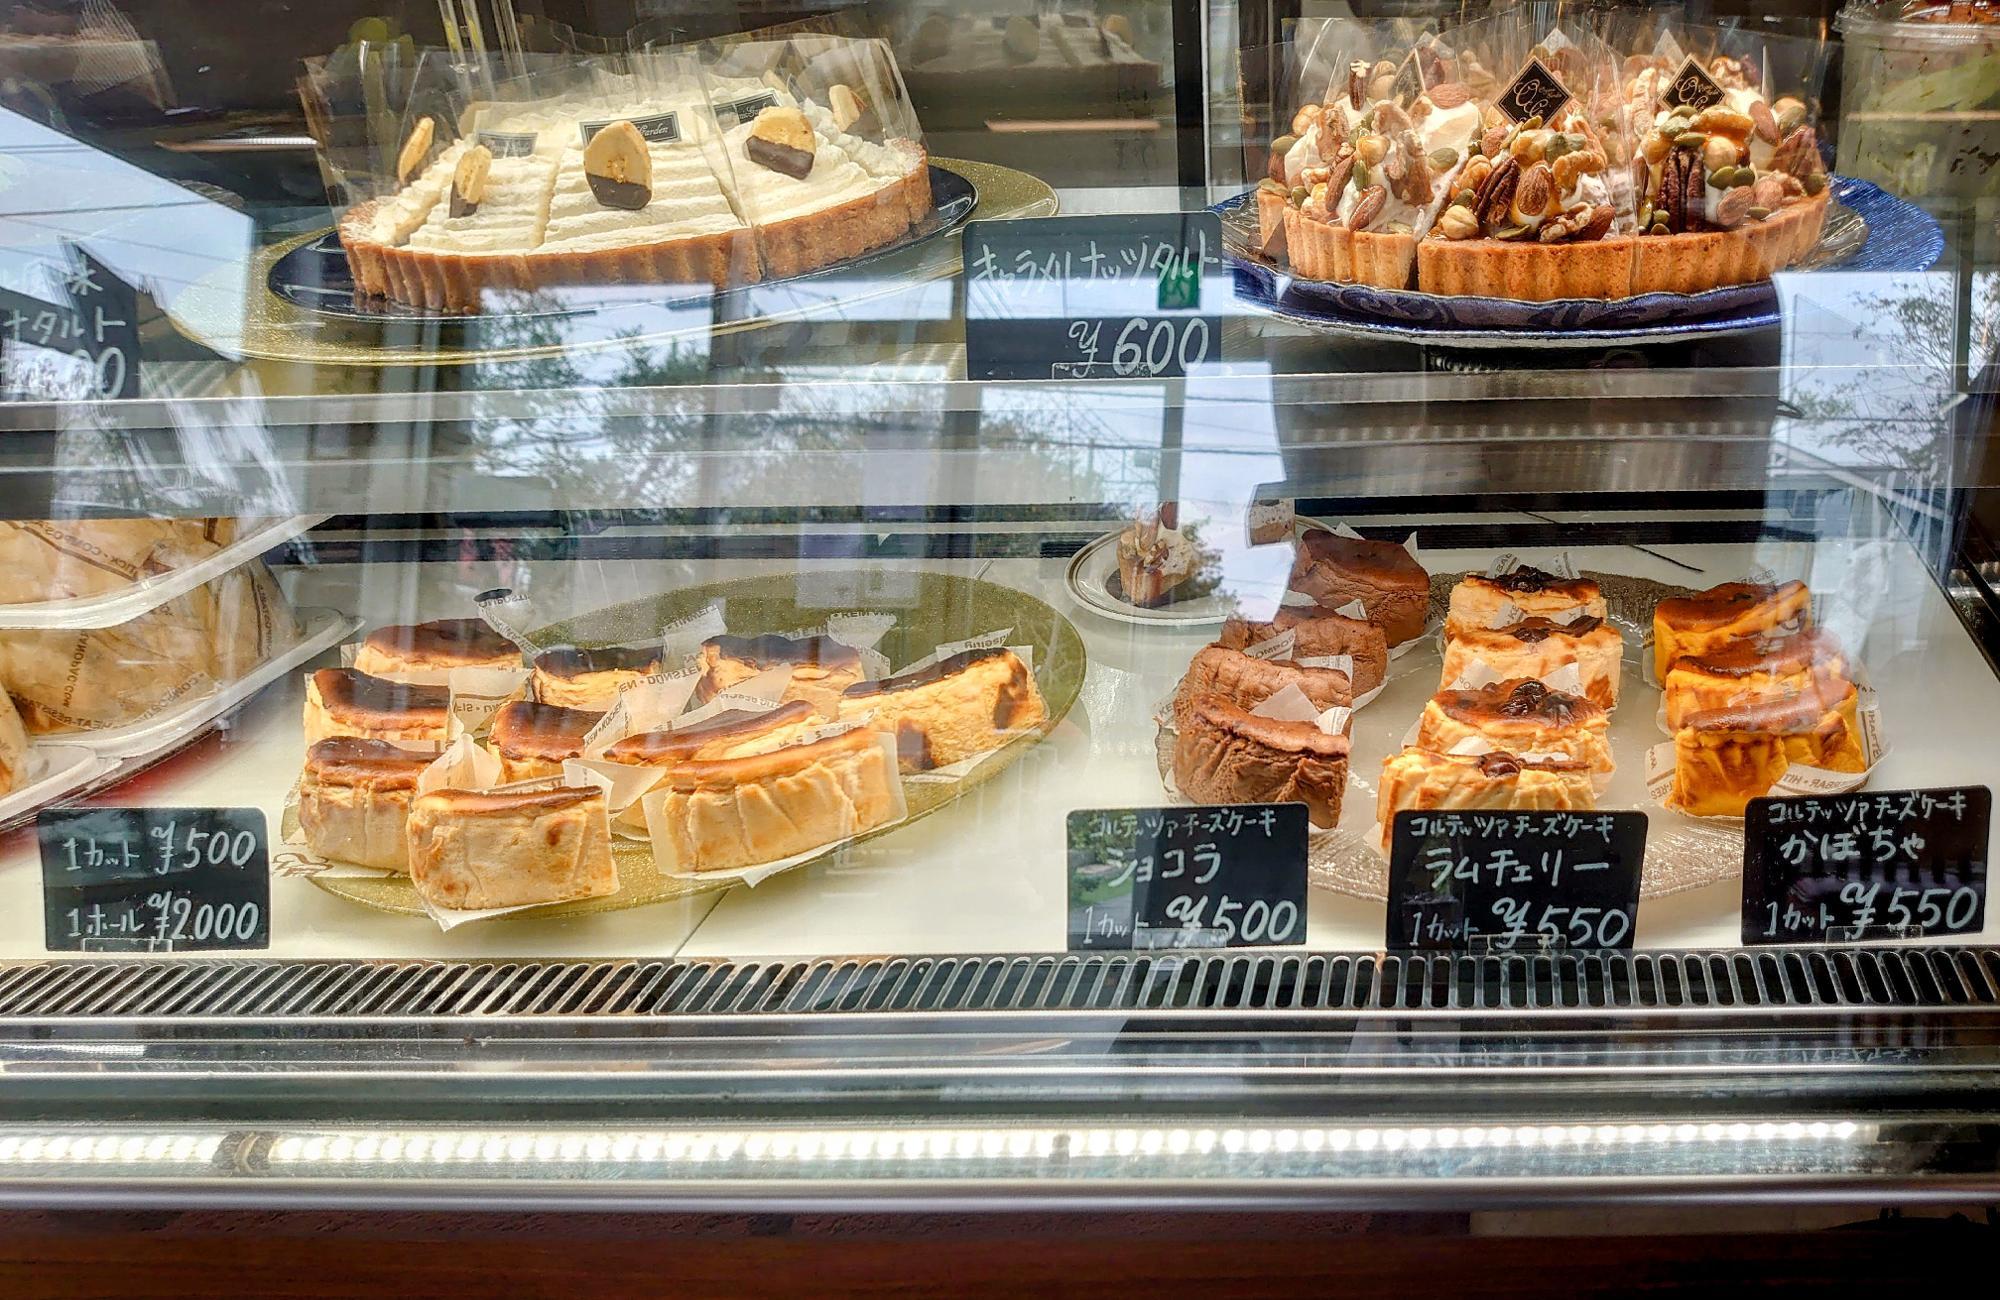 オリジナルケーキ『Tarta de Queso Corteza(コルテッツァチーズケーキ)』はオンラインでも販売しています。